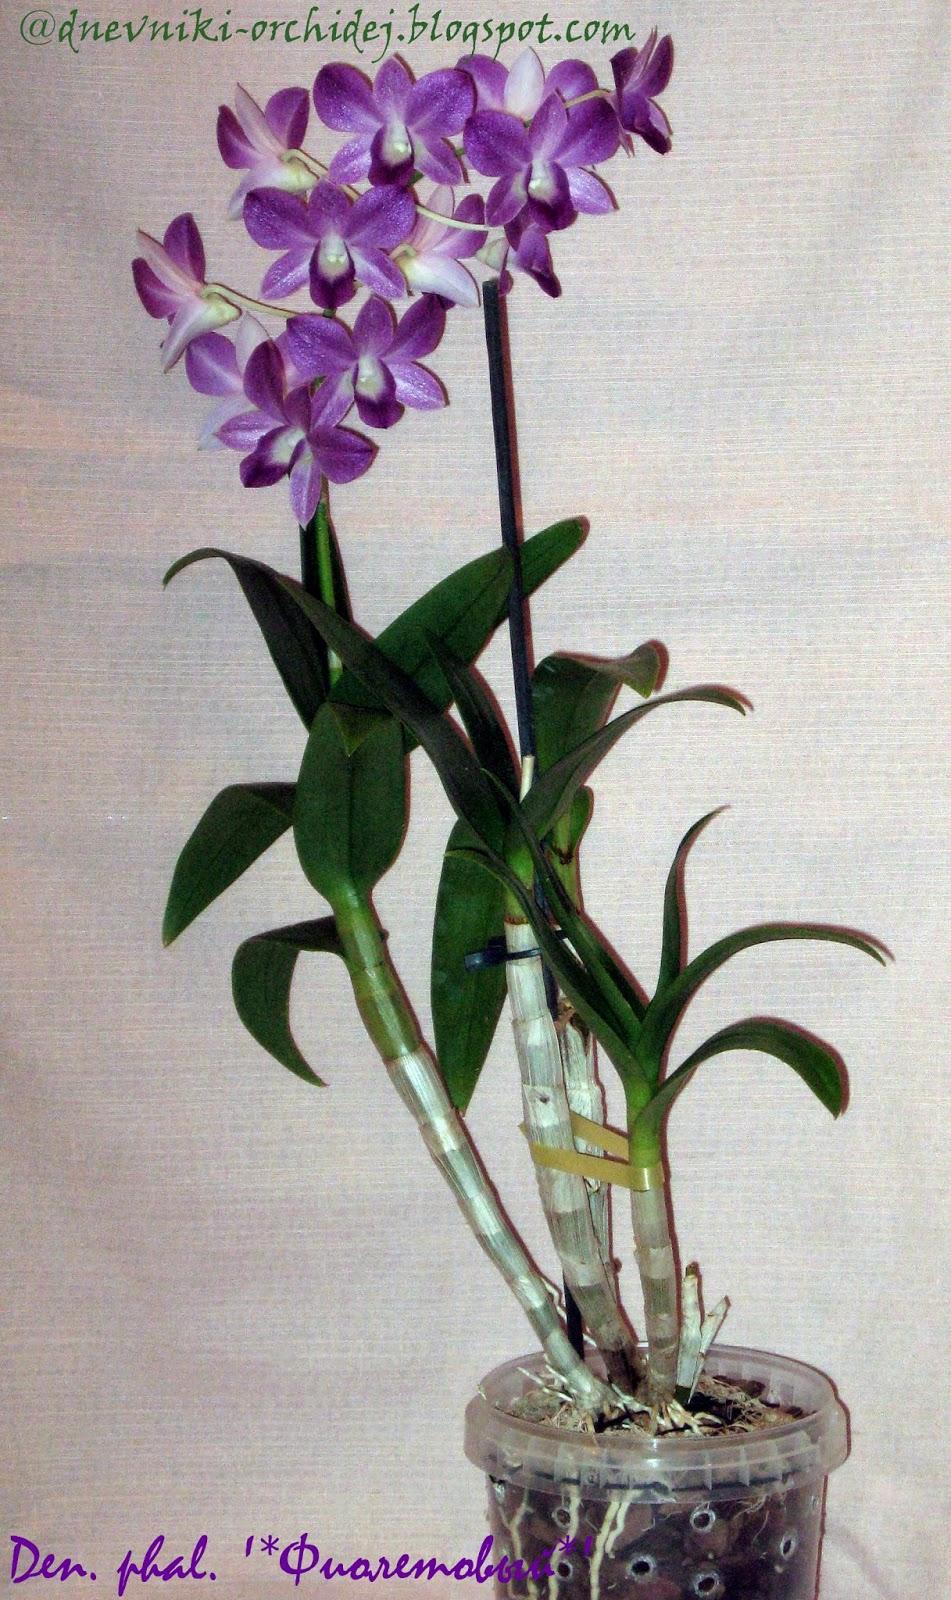 Стройный дендробиум фаленопсис Фиолетовый во всей своей красе